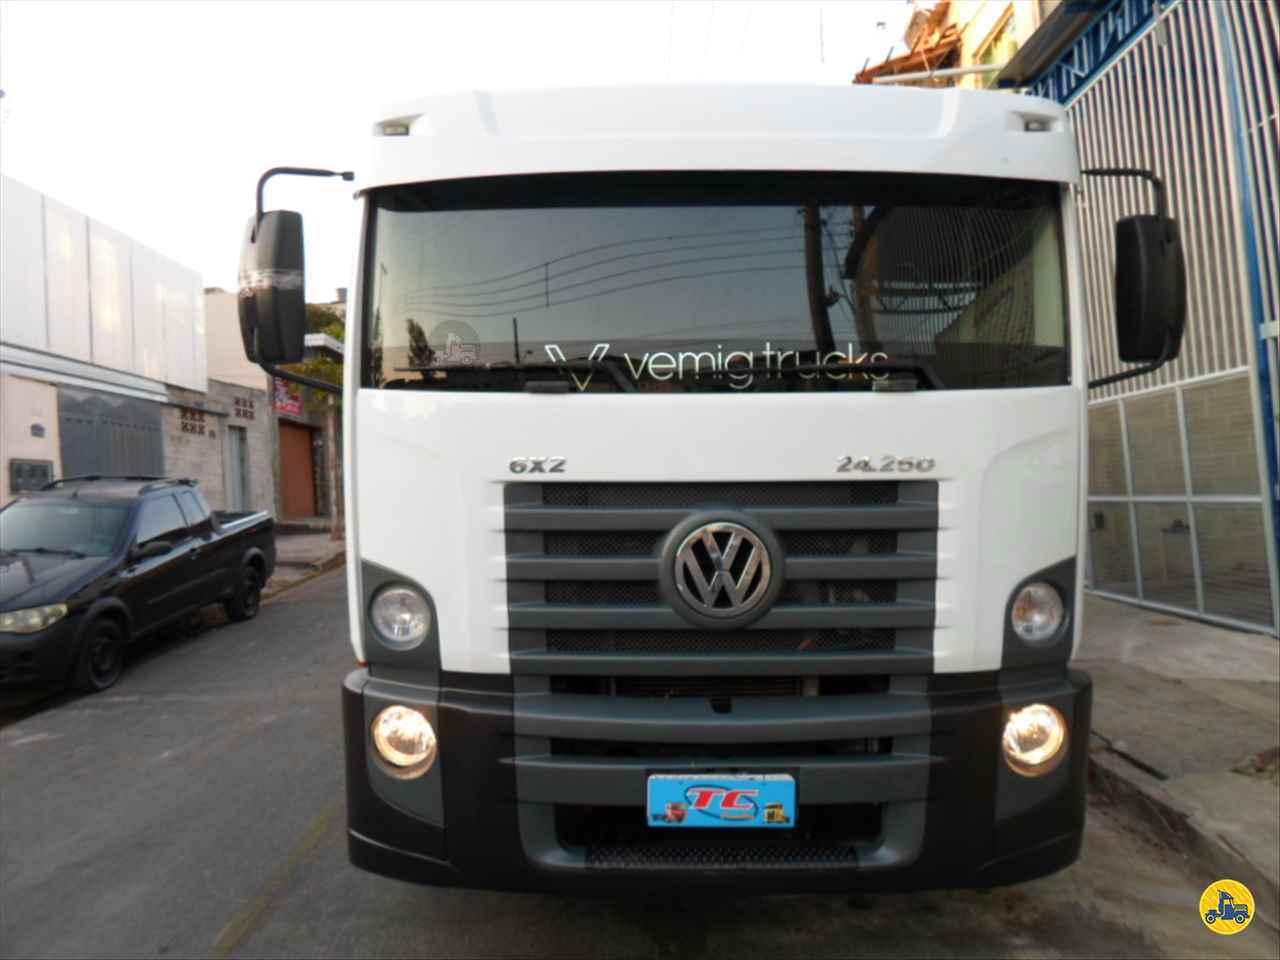 CAMINHAO VOLKSWAGEN VW 24250 Caçamba Basculante 3/4 6x2 TC Caminhões  BELO HORIZONTE MINAS GERAIS MG